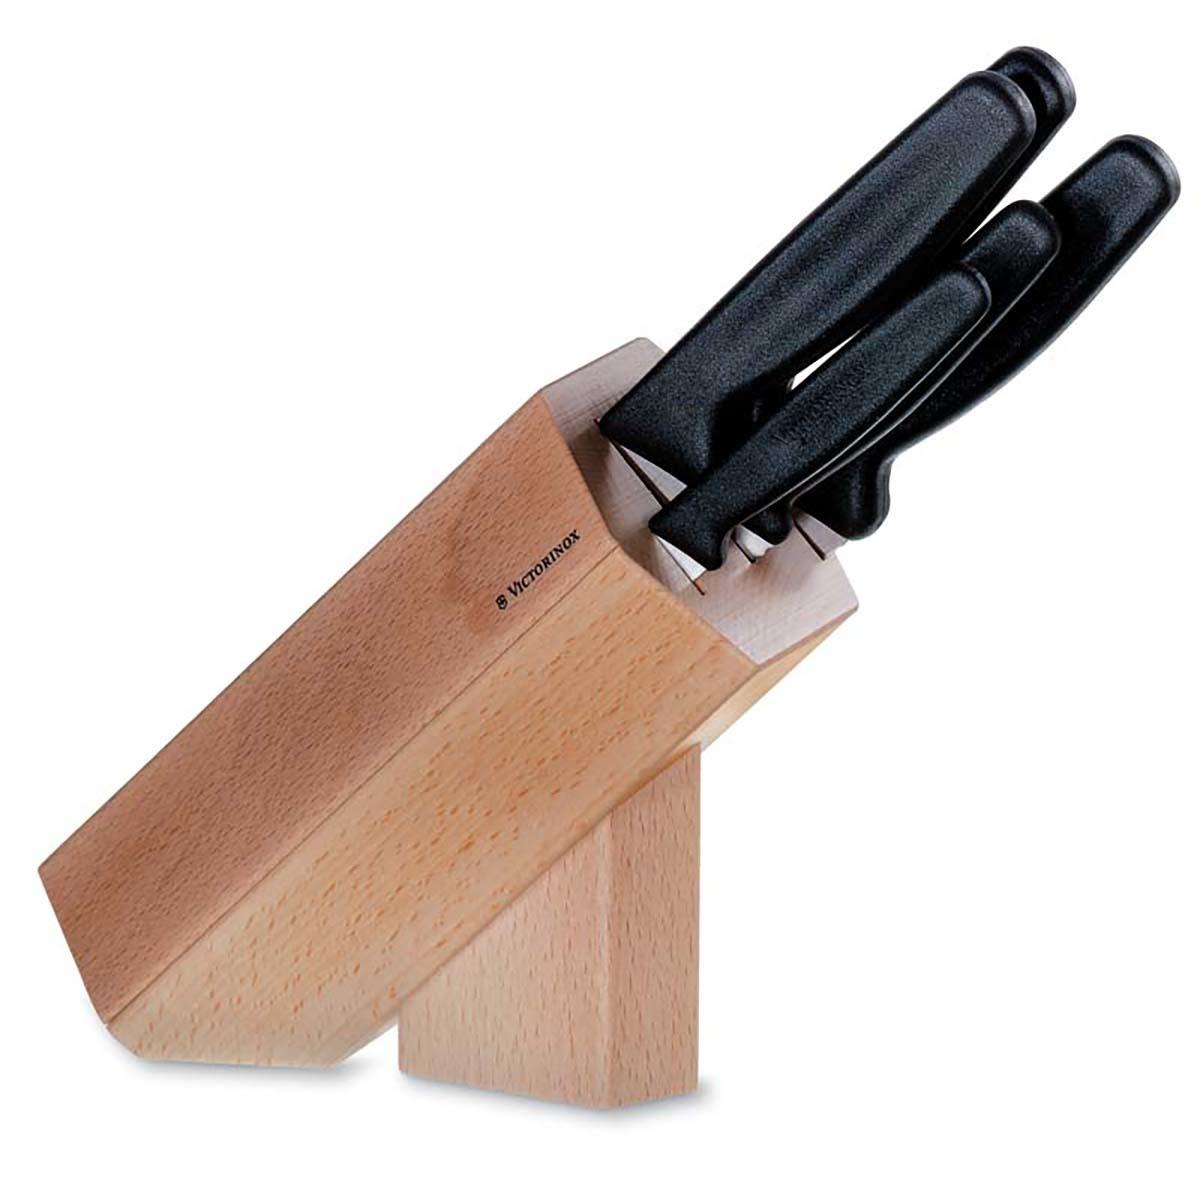 цена на Кухонный набор из 5 ножей Victorinox, сталь X50CrMoV15, деревянная подставка